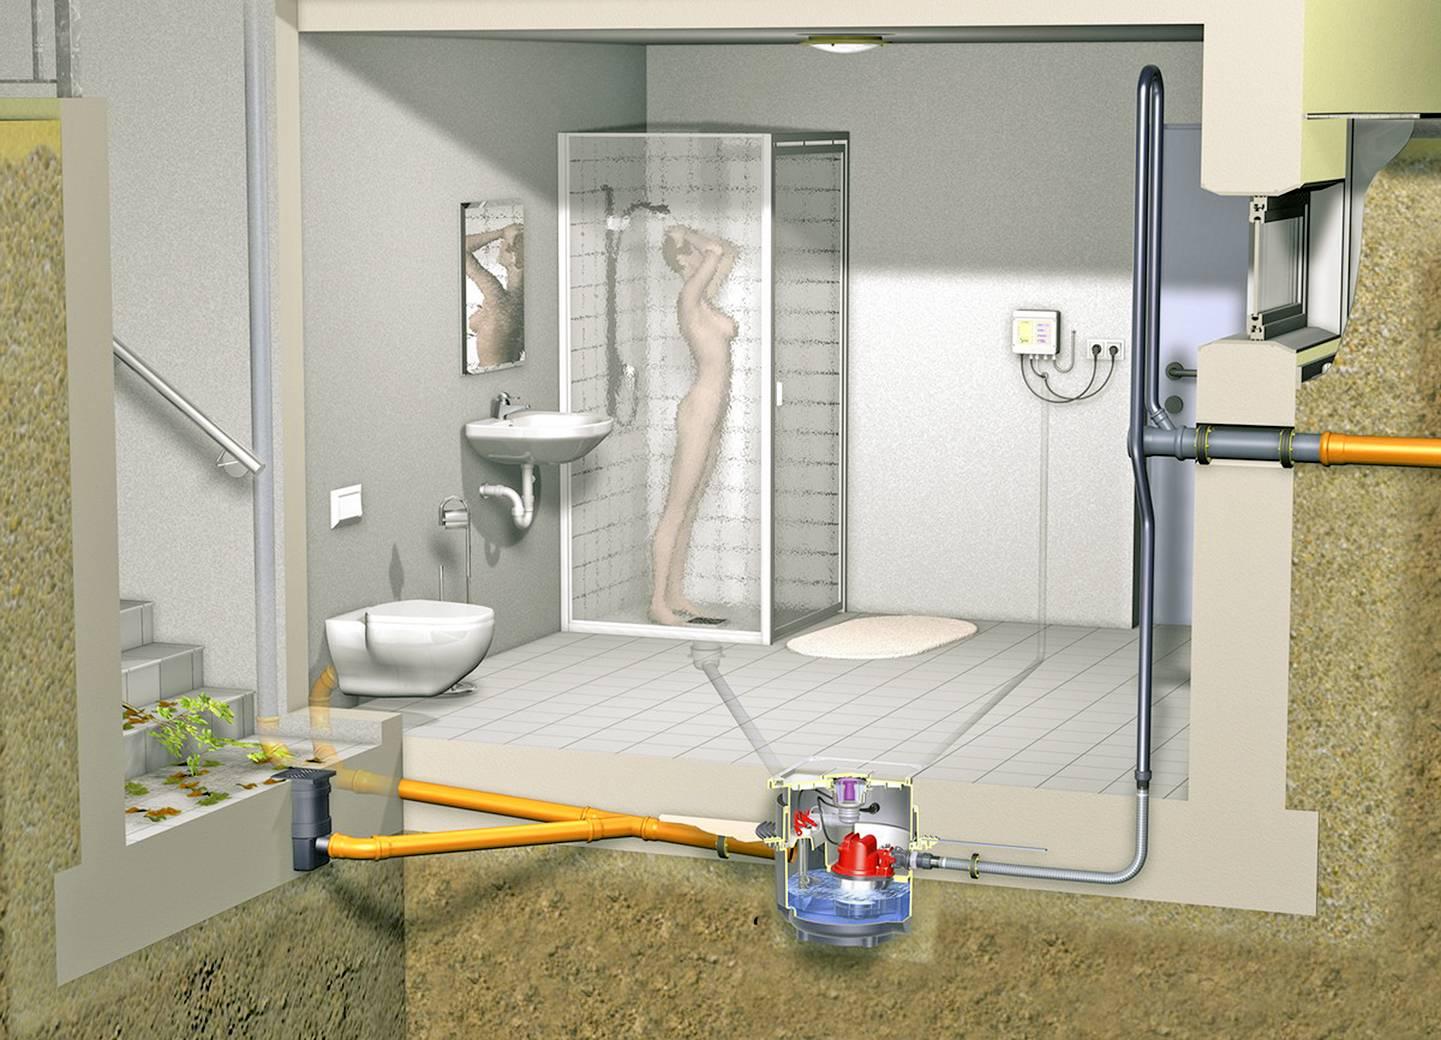 Вентиляция в подвале частного дома: как правильно сделать вытяжку